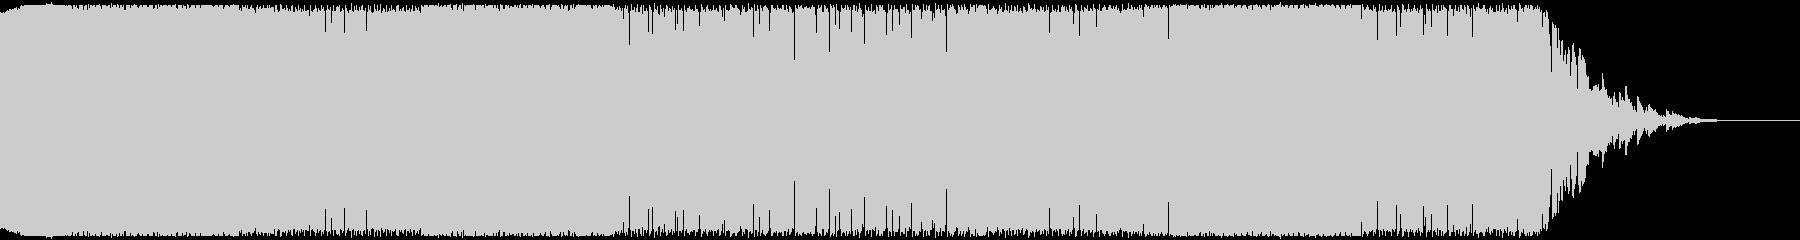 戦闘シーンや緊迫した場面のBGMの未再生の波形